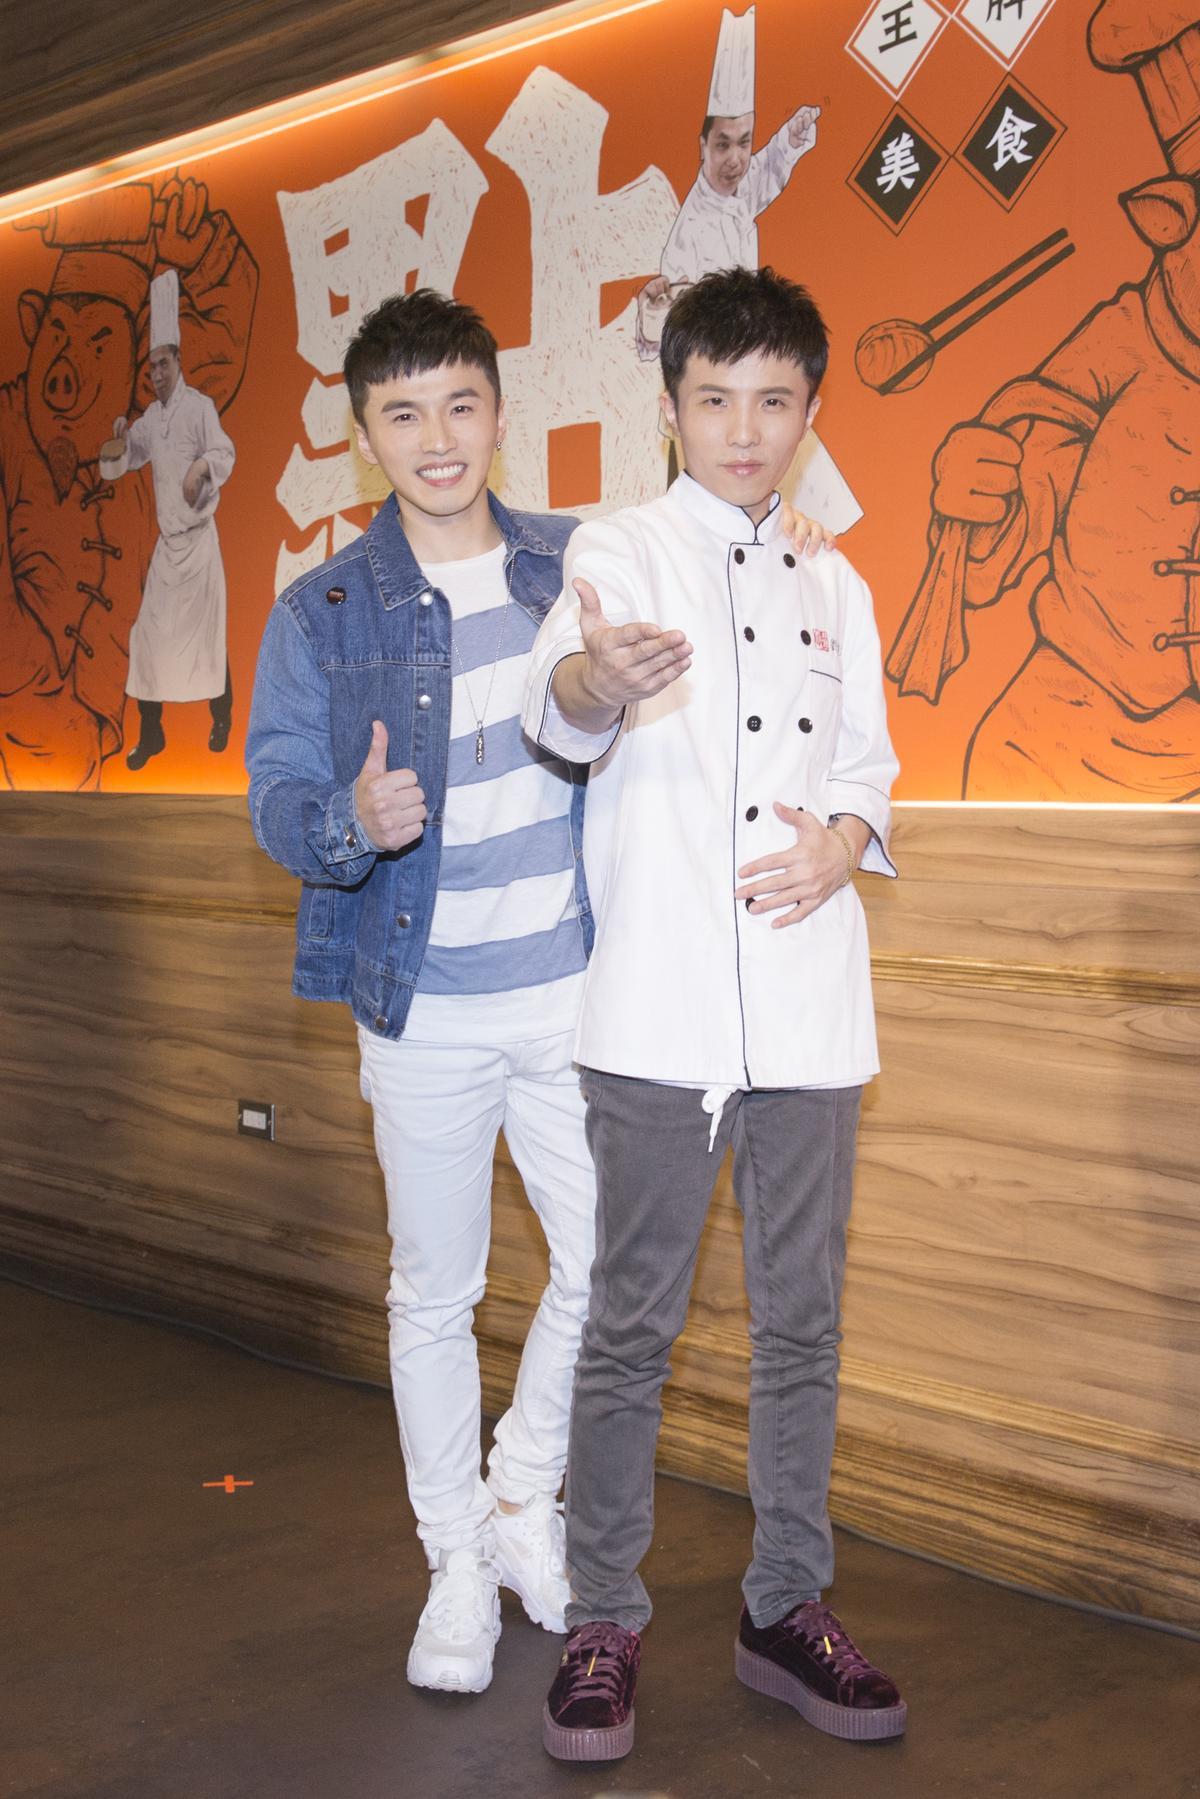 小宇(右)穿上廚師服,和阿緯互換身分。